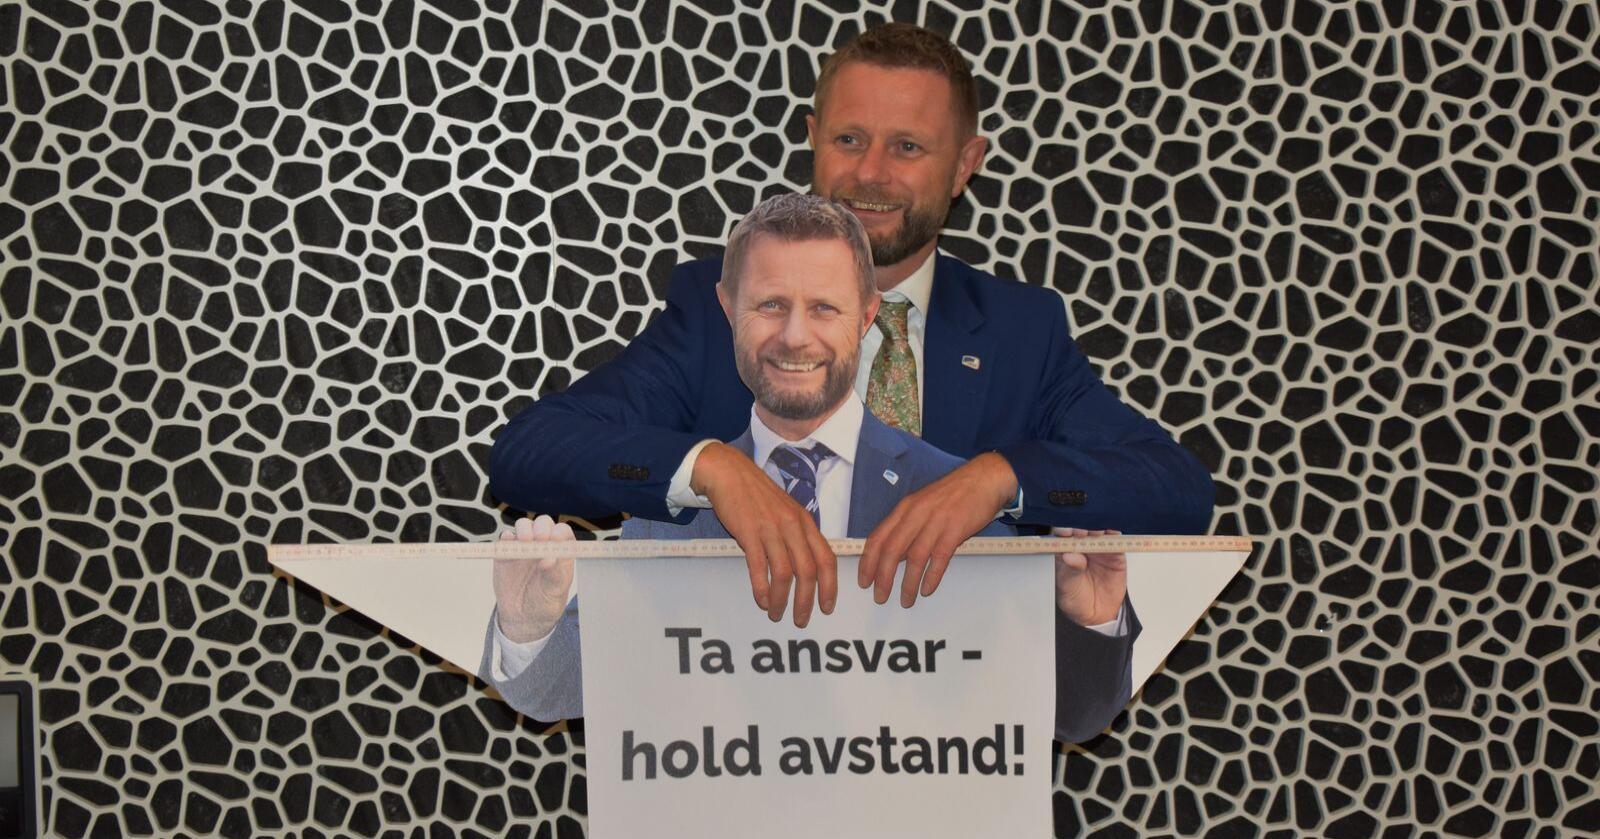 Bent Høie og Bent Høie passer på at deltagerne på Høyres landsmøte respekterer meteren. Foto: Henrik Heldahl